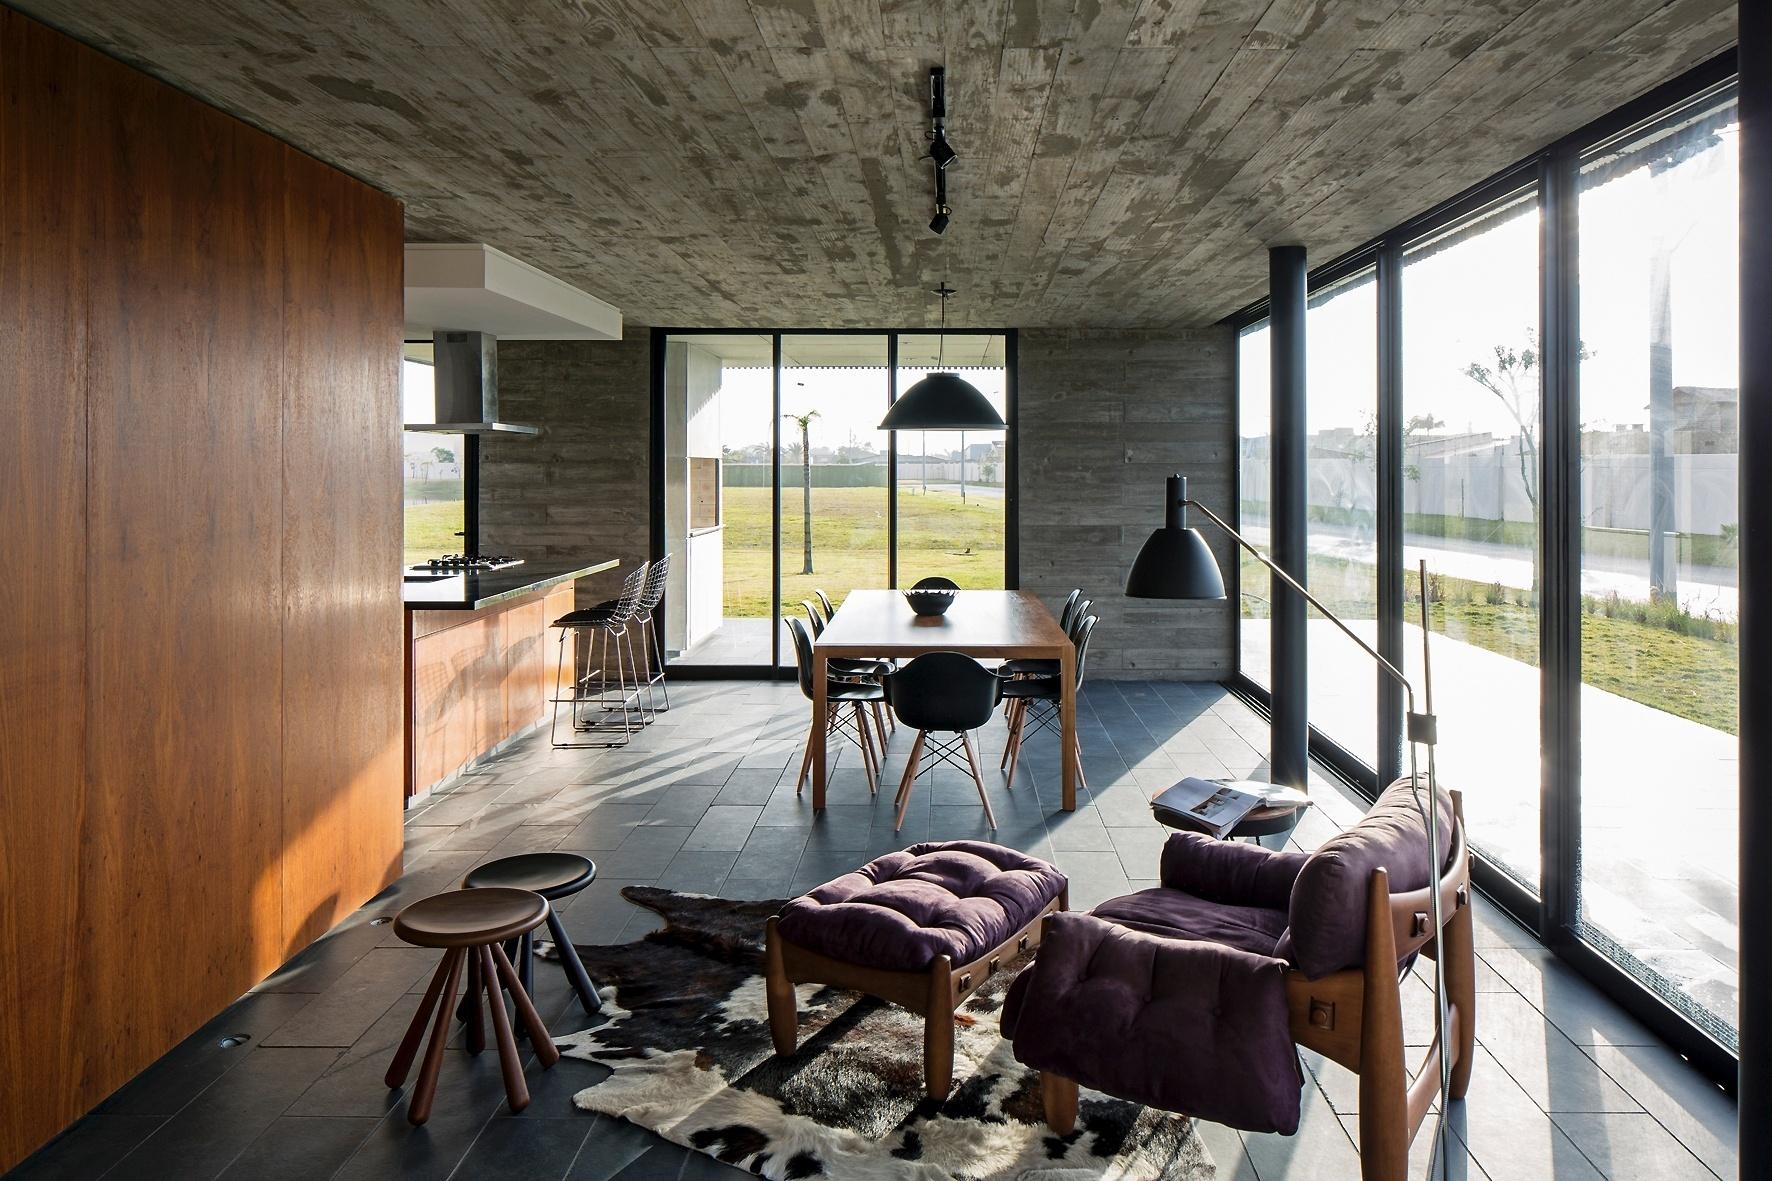 A transparência é a característica marcante da Casa Xan, projetada pelo escritório MAPA Architects, pois permite a integração entre interior e exterior através do fechamento em vidro, no pavimento térreo. O living reúne estar, jantar e cozinha e, ao fundo, é possível avistar a varanda com churrasqueira